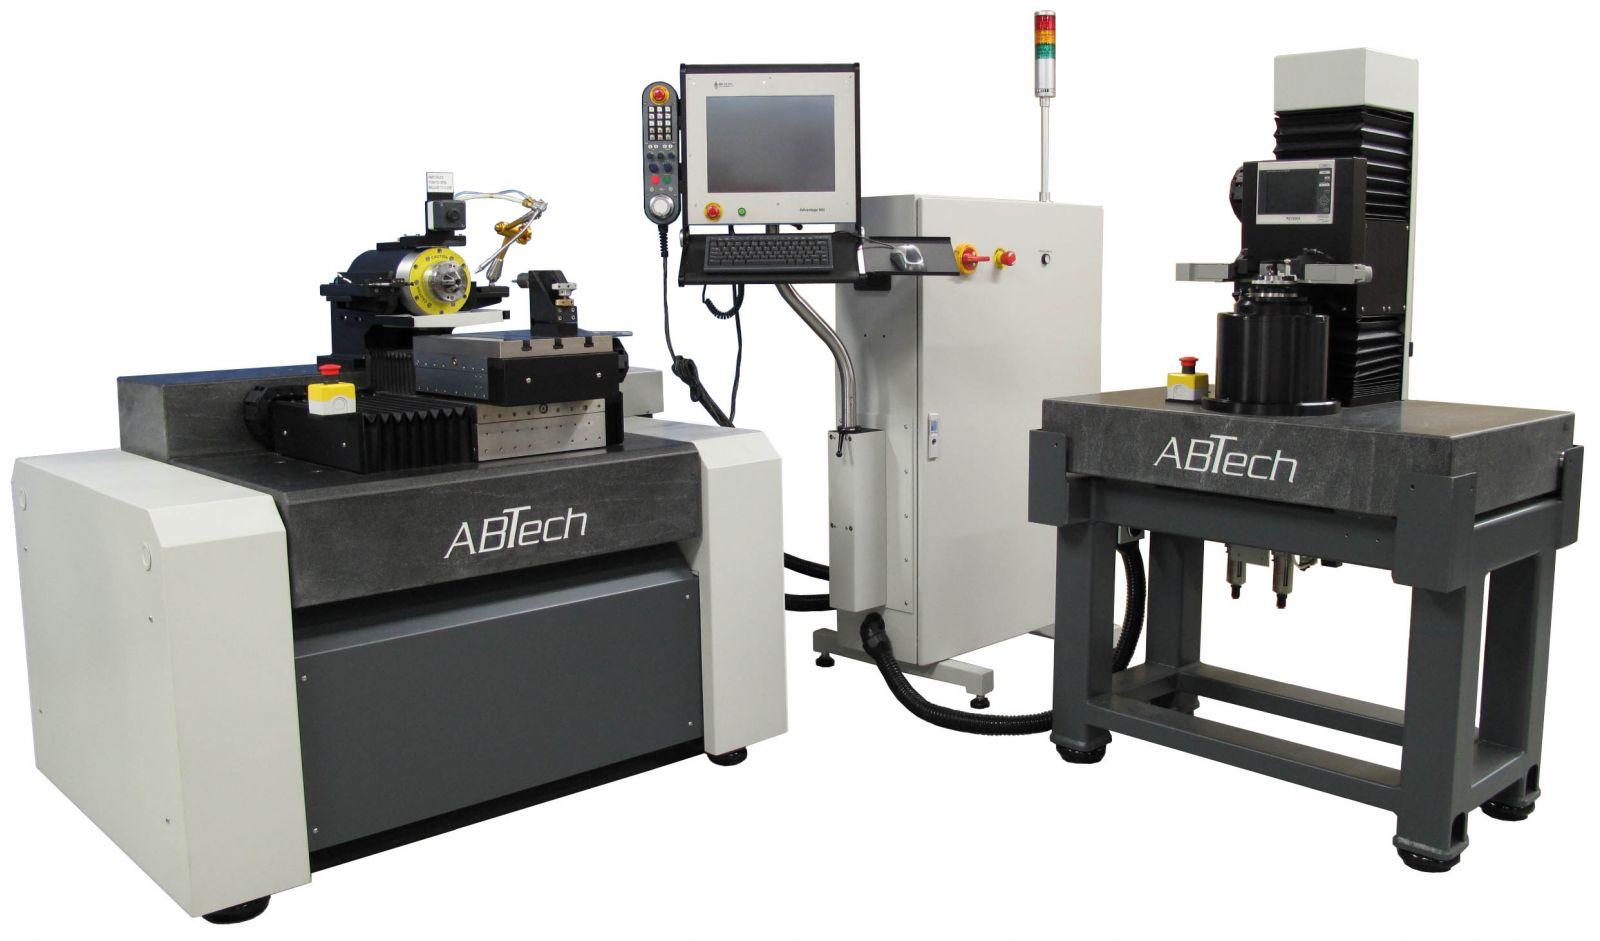 Air Bearing Metrology and Machining Work Cell